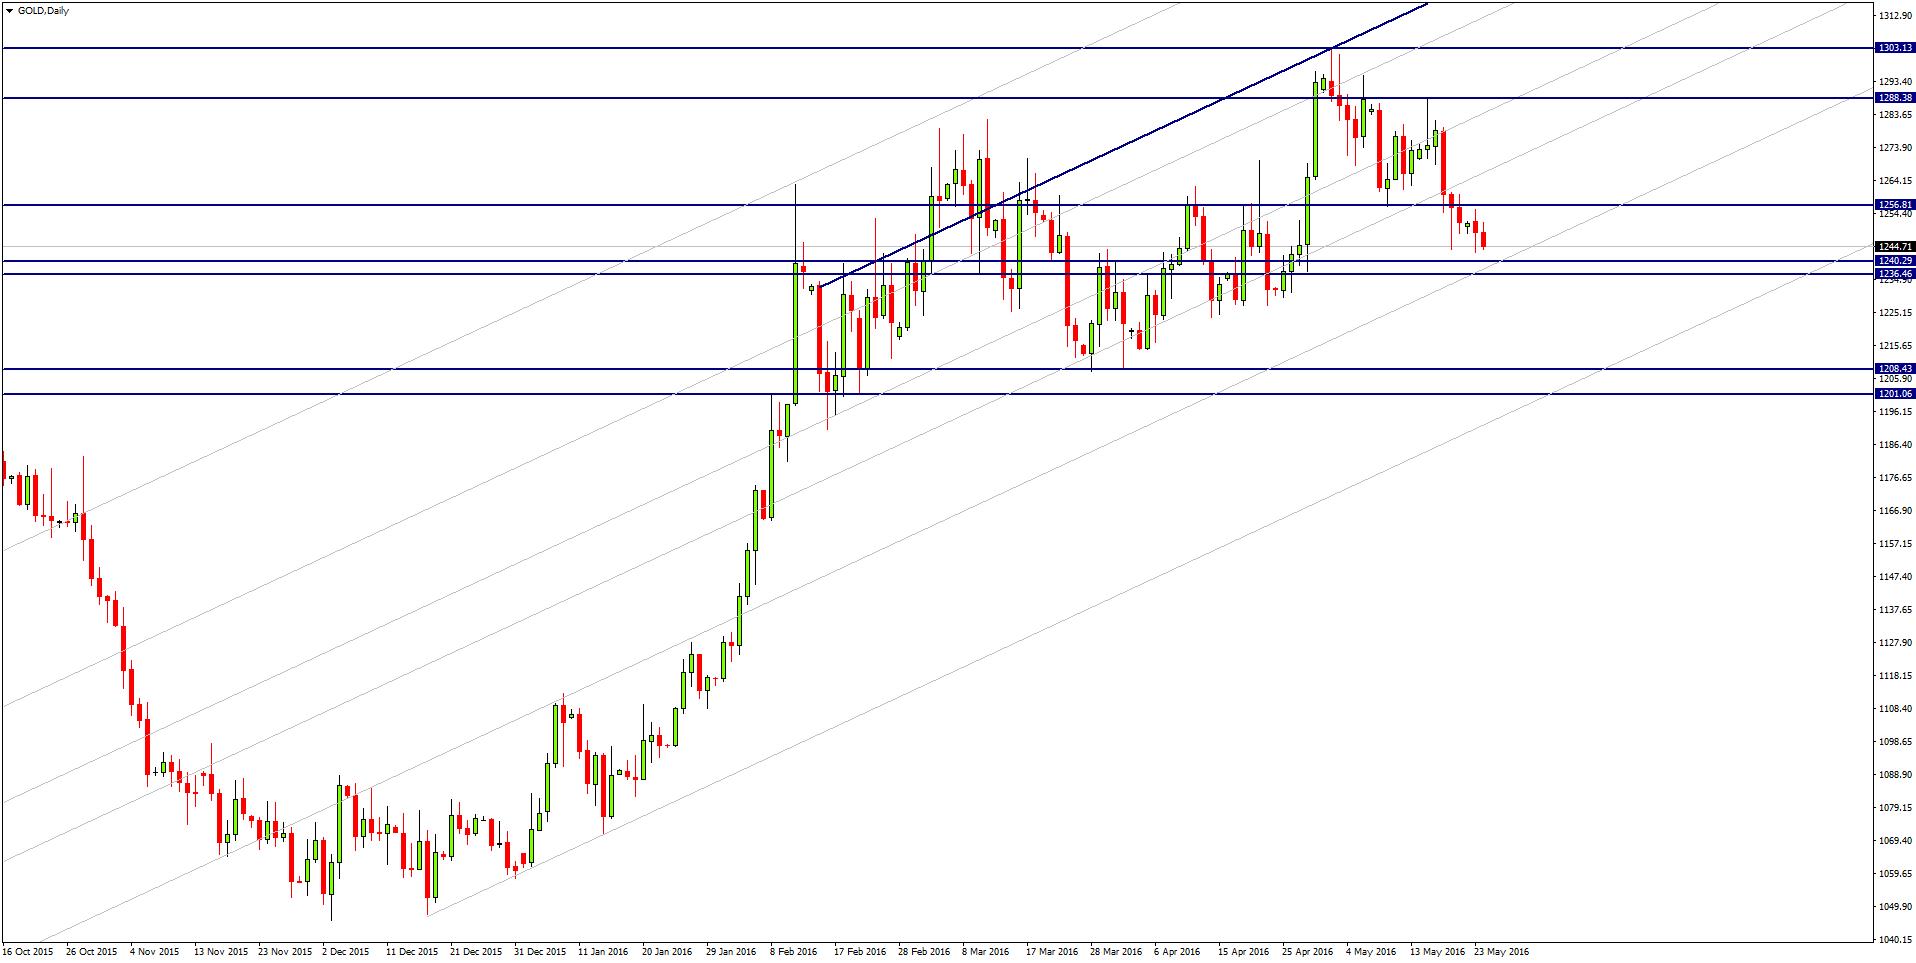 XAU/USD Chart